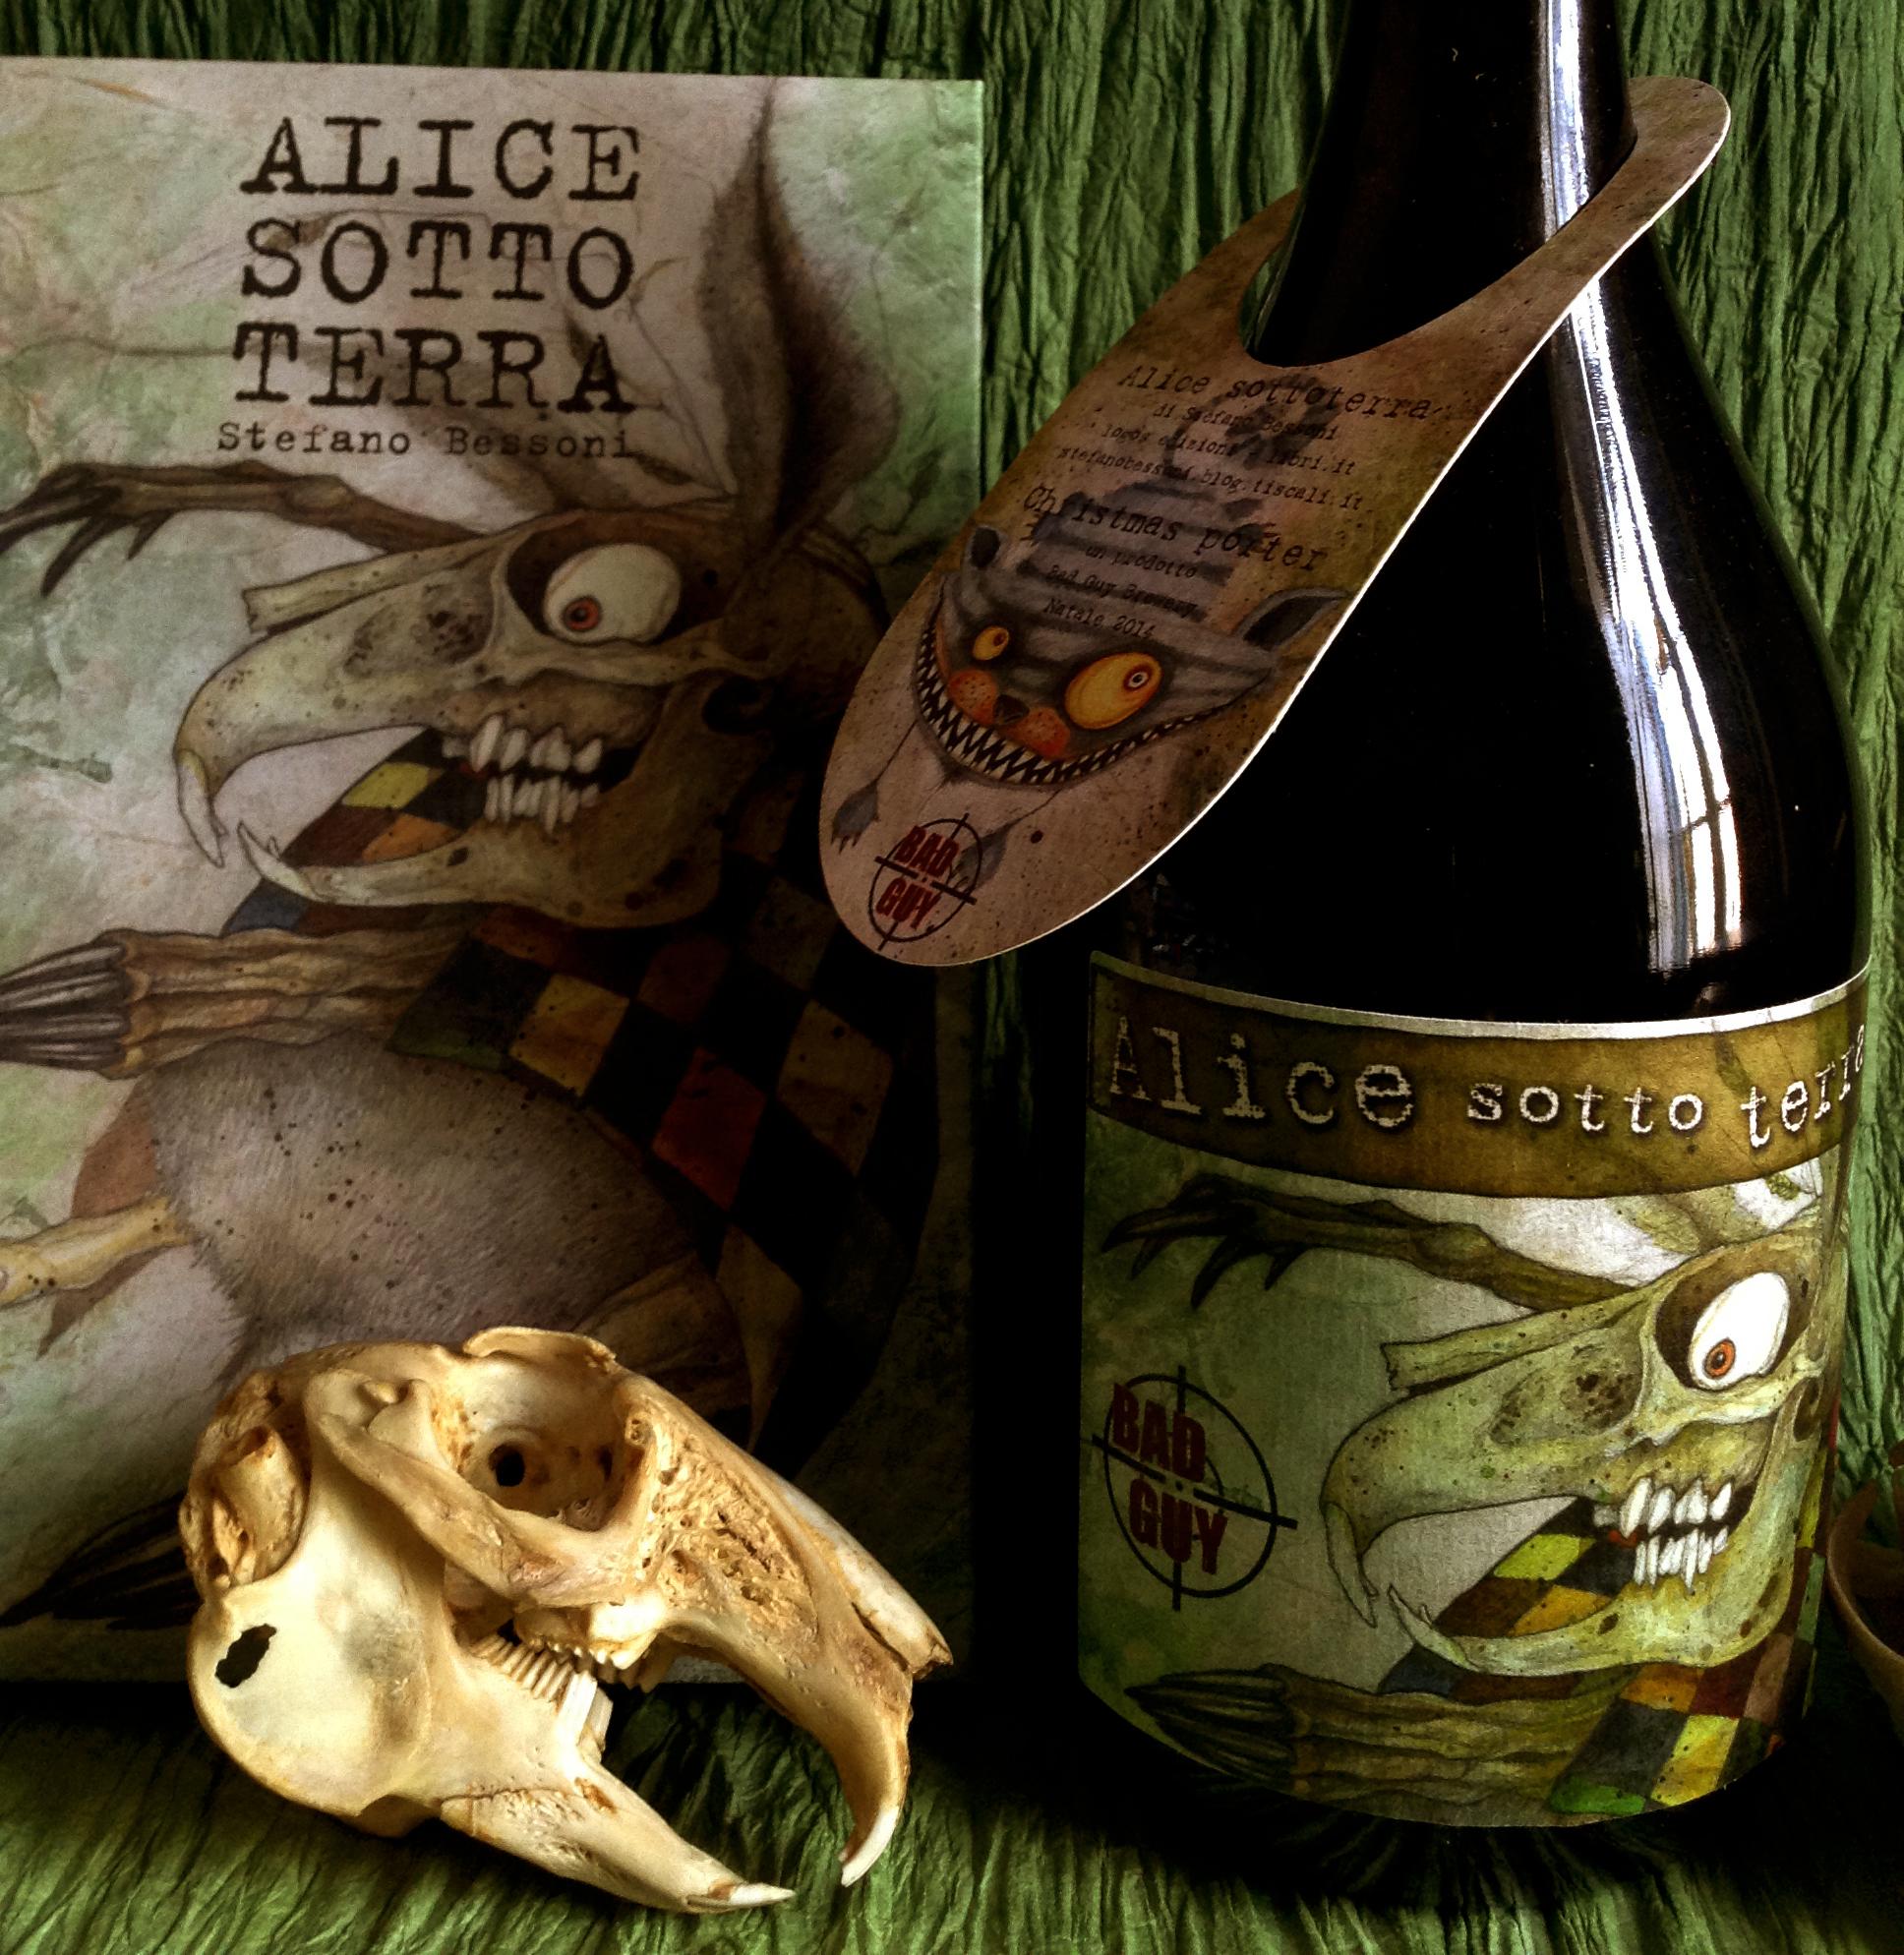 La birra di Alice Sotto terra ©Stefano Bessoni